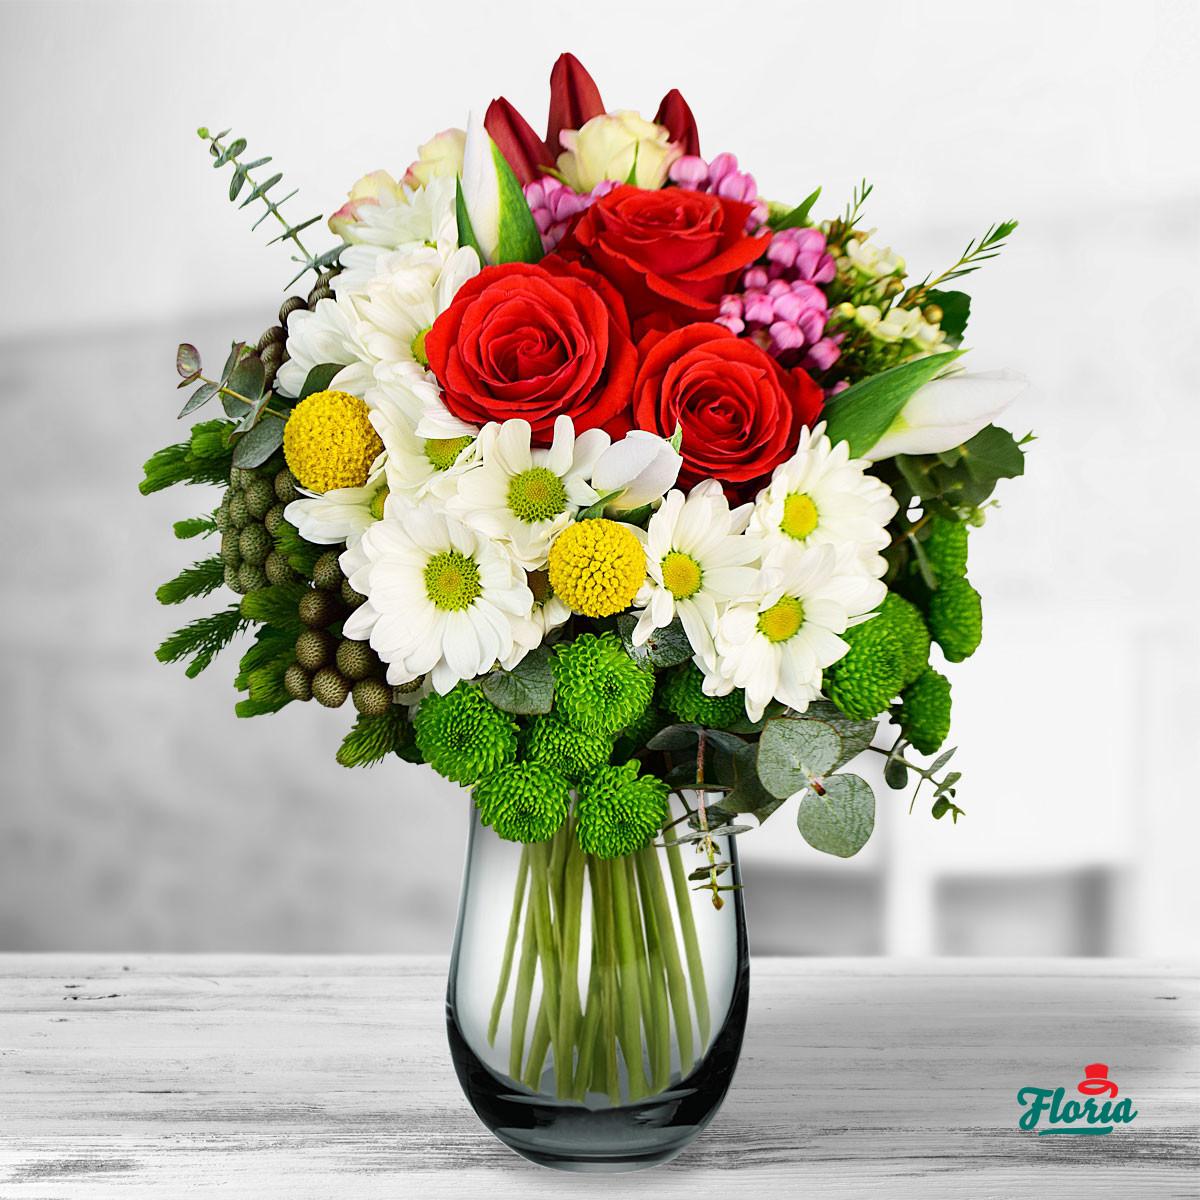 Ce flori trebuie să-i oferi mamei tale de 8 Martie, în funcție de personalitatea ei